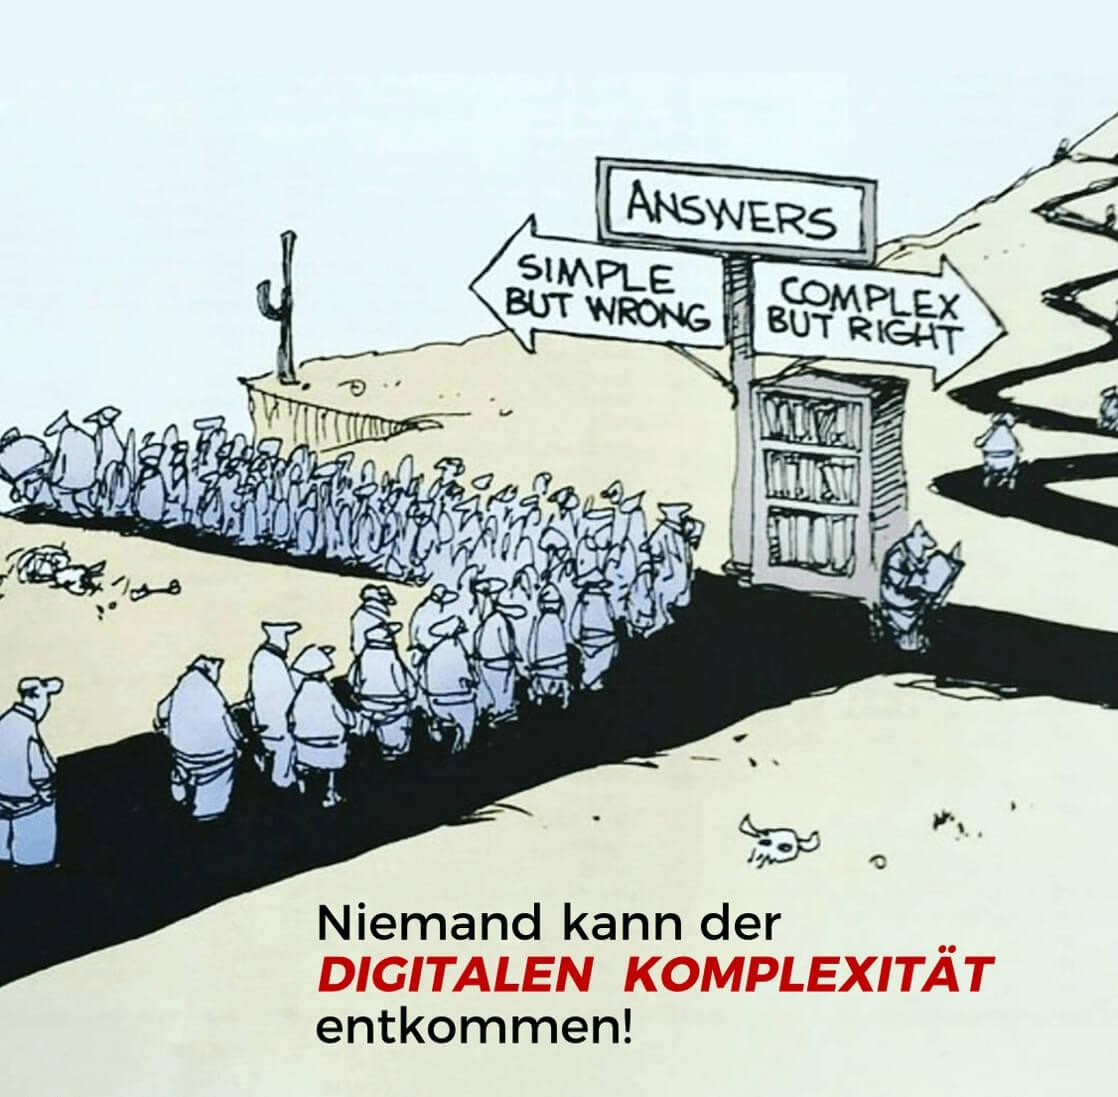 Chef und Sourcing Kenntnisse - Niemand kann der Digitalen Komplexität entkommen